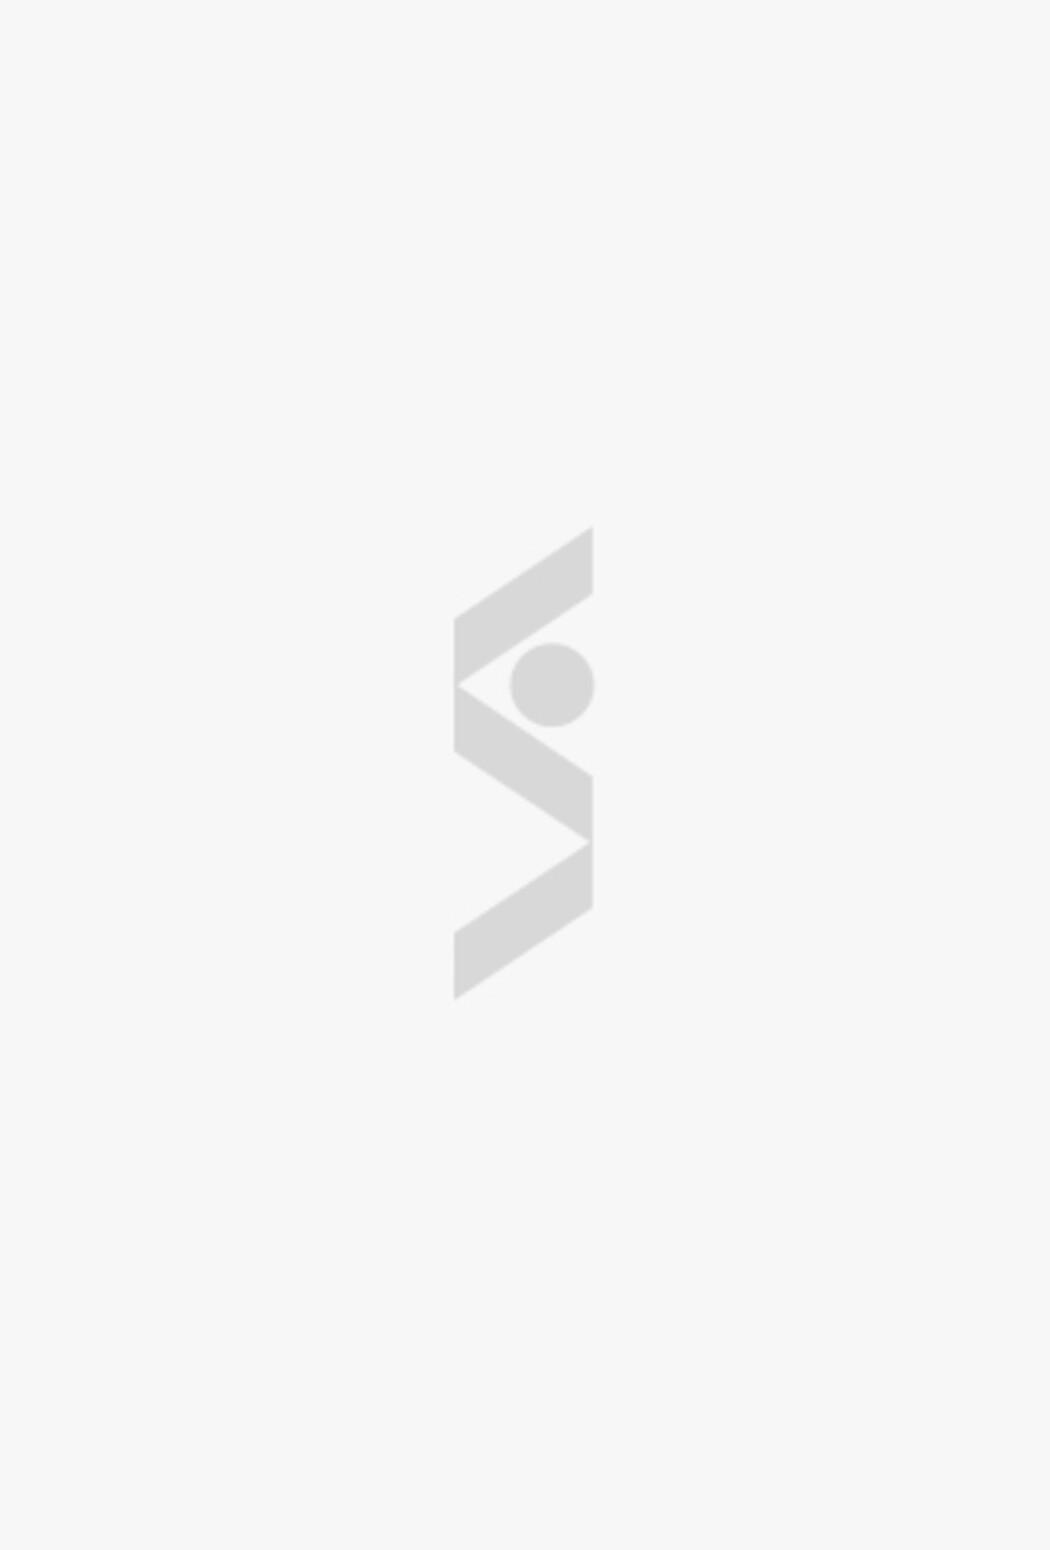 Teana косметика купить купить косметику оптом в луганске